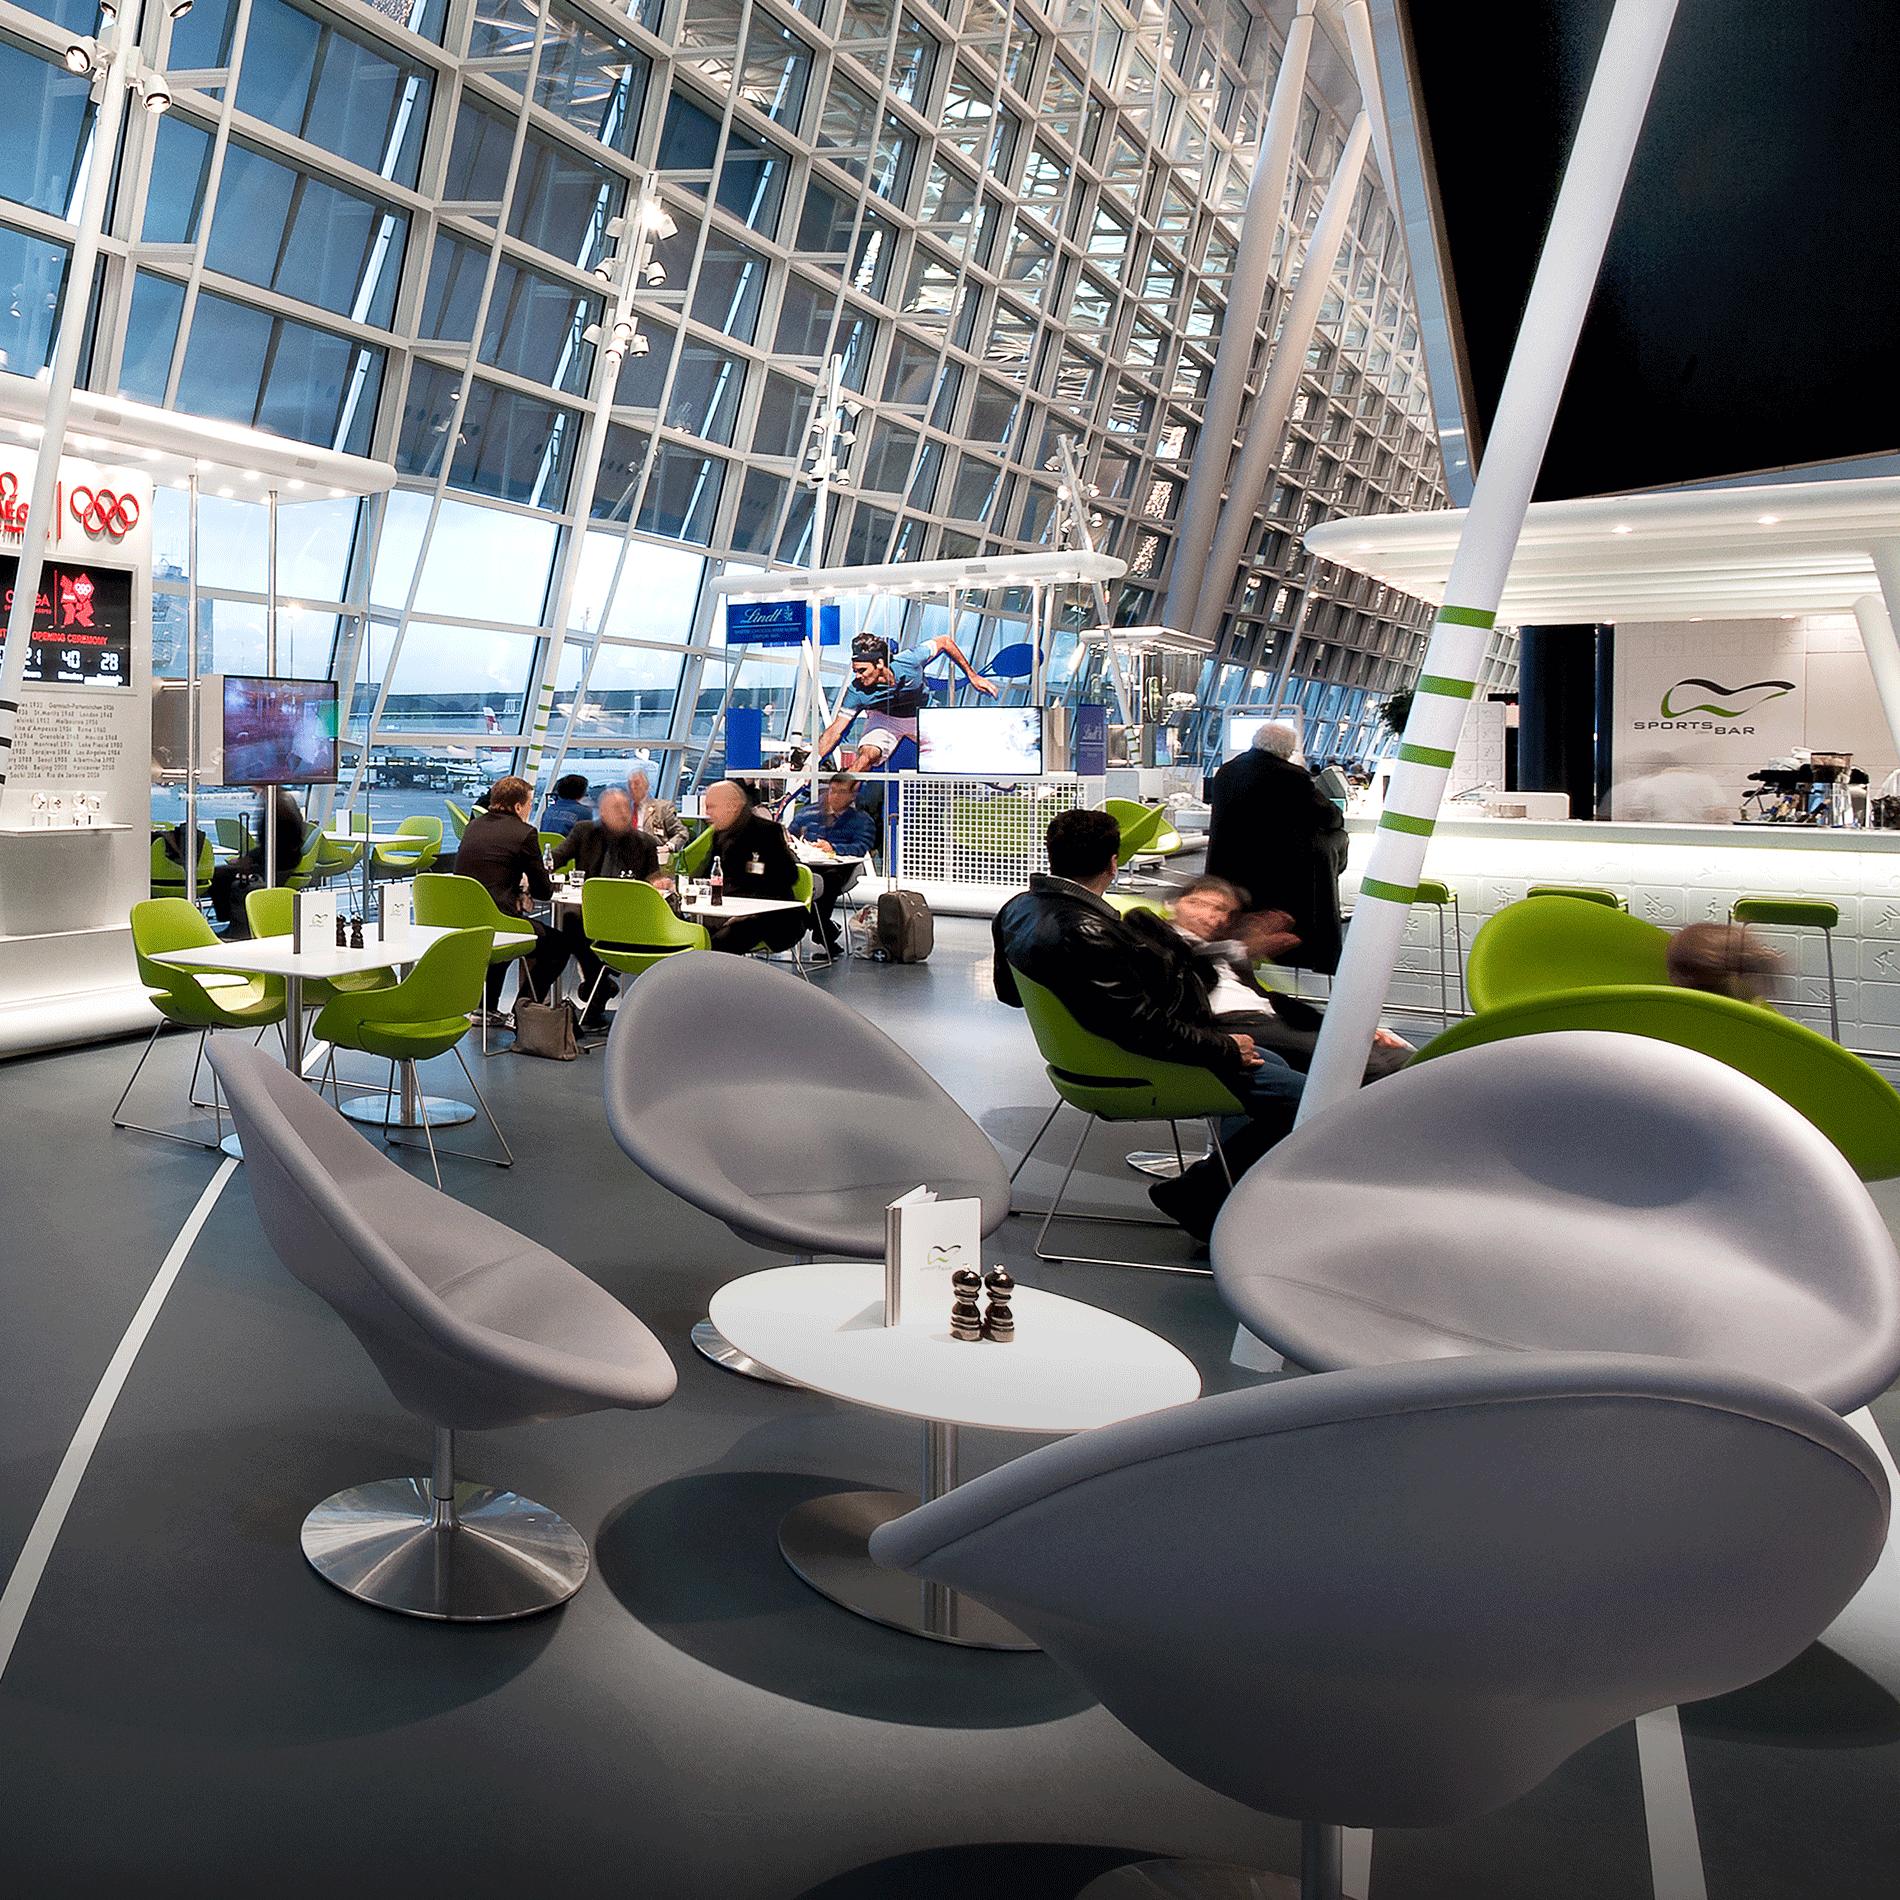 hauser & partner Hospitality Design